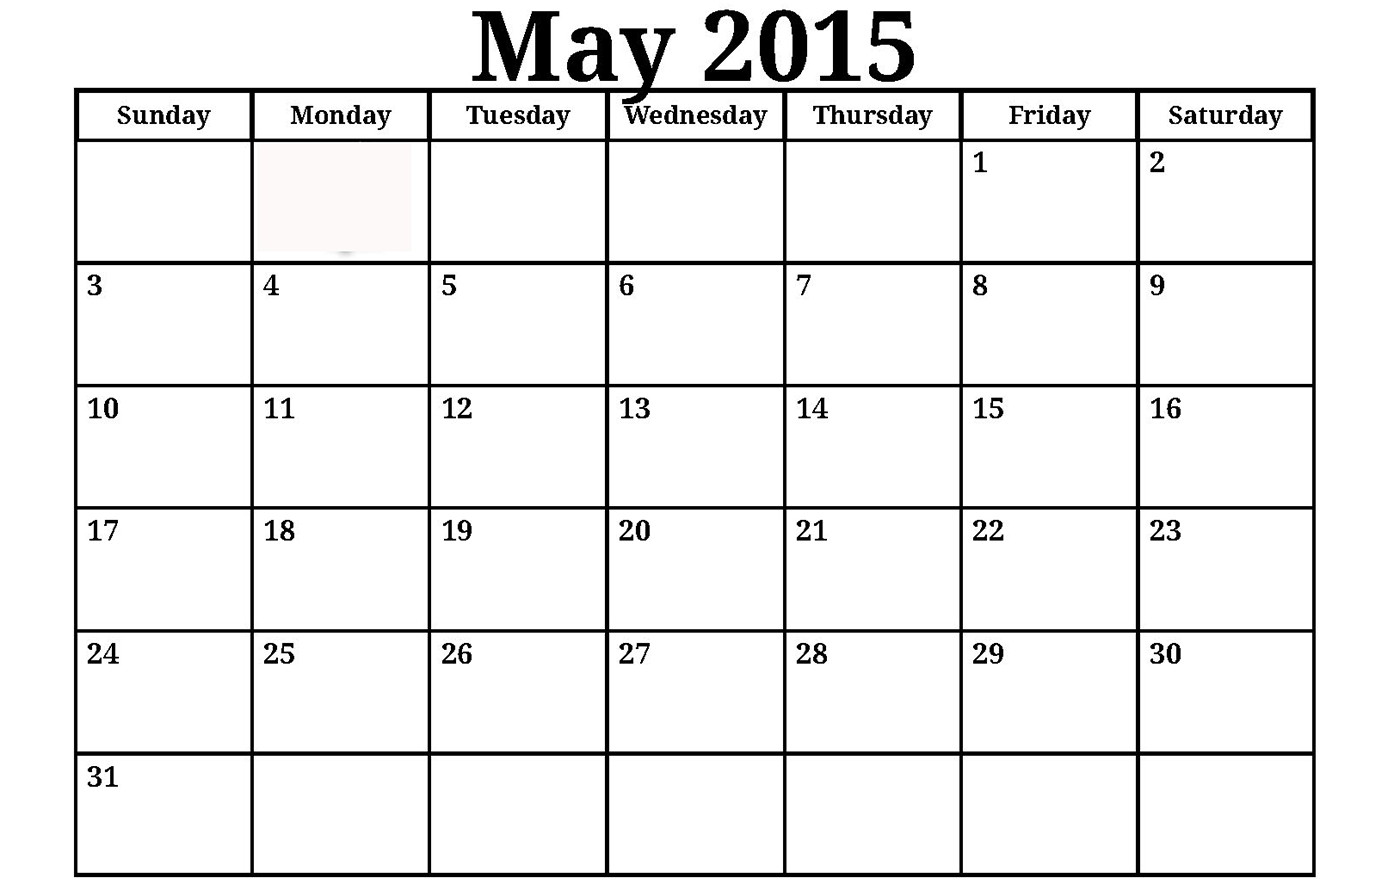 2015 May Calendar Template 3 Calendar Pinterest  Xjb